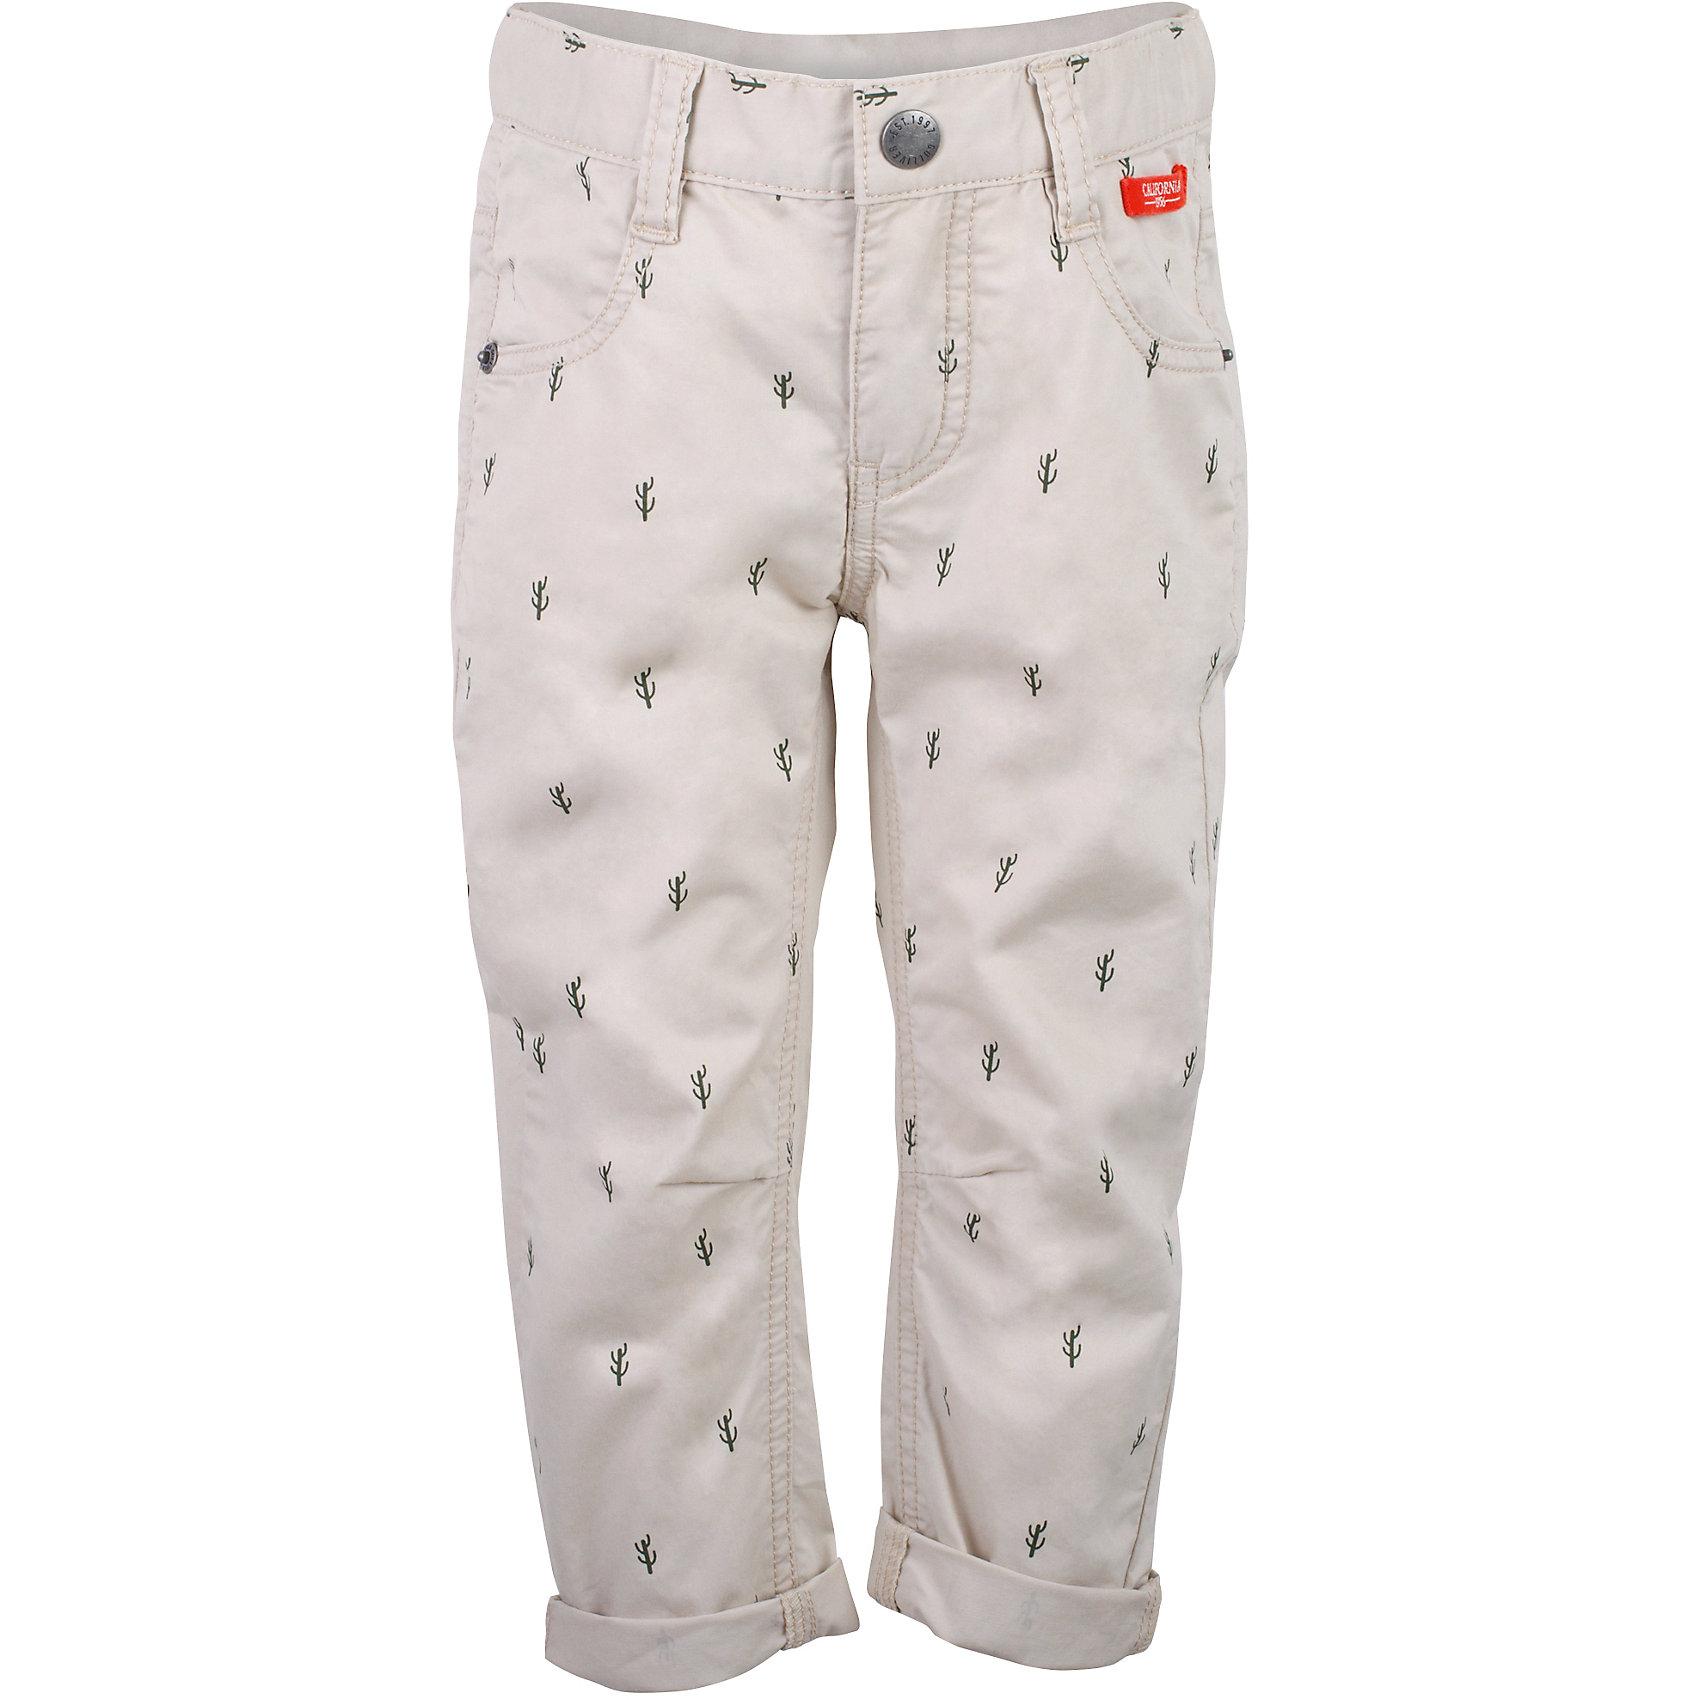 Брюки для мальчика GulliverБрюки<br>Несмотря на то, что джинсы по-прежнему занимают в гардеробе ребенка лидирующее место, текстильные брюки для мальчика никто не отменял! Везде, где джинсы неуместны или просто хочется разнообразия, оригинальные бежевые брюки  помогут создать прекрасный look. Модный мелкий рисунок из коллекции Аризона придает модели особый шарм. Бежевый цвет выглядит нарядно, благородно, изысканно! Если вы хотите купить детские брюки, которые подчеркнут стиль и индивидуальность вашего малыша, эти классные брюки для мальчика с фирменной брендированной фурнитурой - лучшее решение для модного лета!<br>Состав:<br>100% хлопок<br><br>Ширина мм: 215<br>Глубина мм: 88<br>Высота мм: 191<br>Вес г: 336<br>Цвет: бежевый<br>Возраст от месяцев: 24<br>Возраст до месяцев: 36<br>Пол: Мужской<br>Возраст: Детский<br>Размер: 98,104,110,116<br>SKU: 5483841